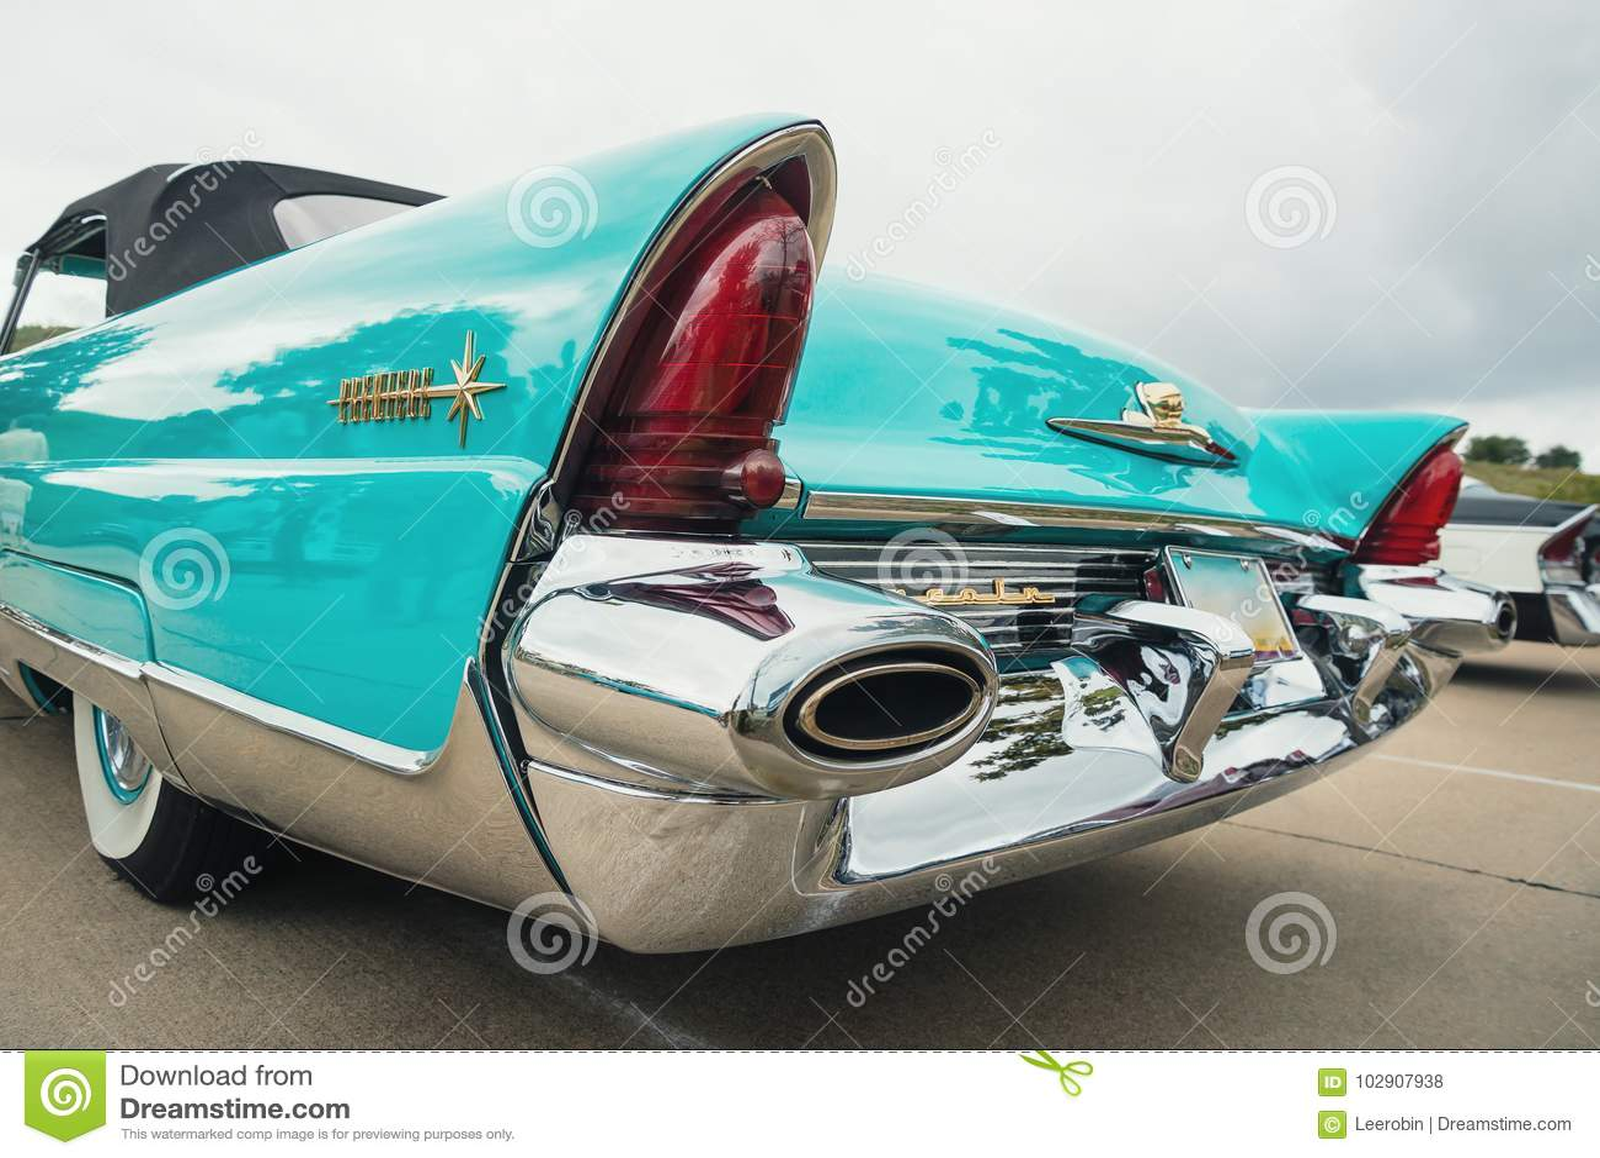 1956 Lincoln Premiere Convertible Classic Car